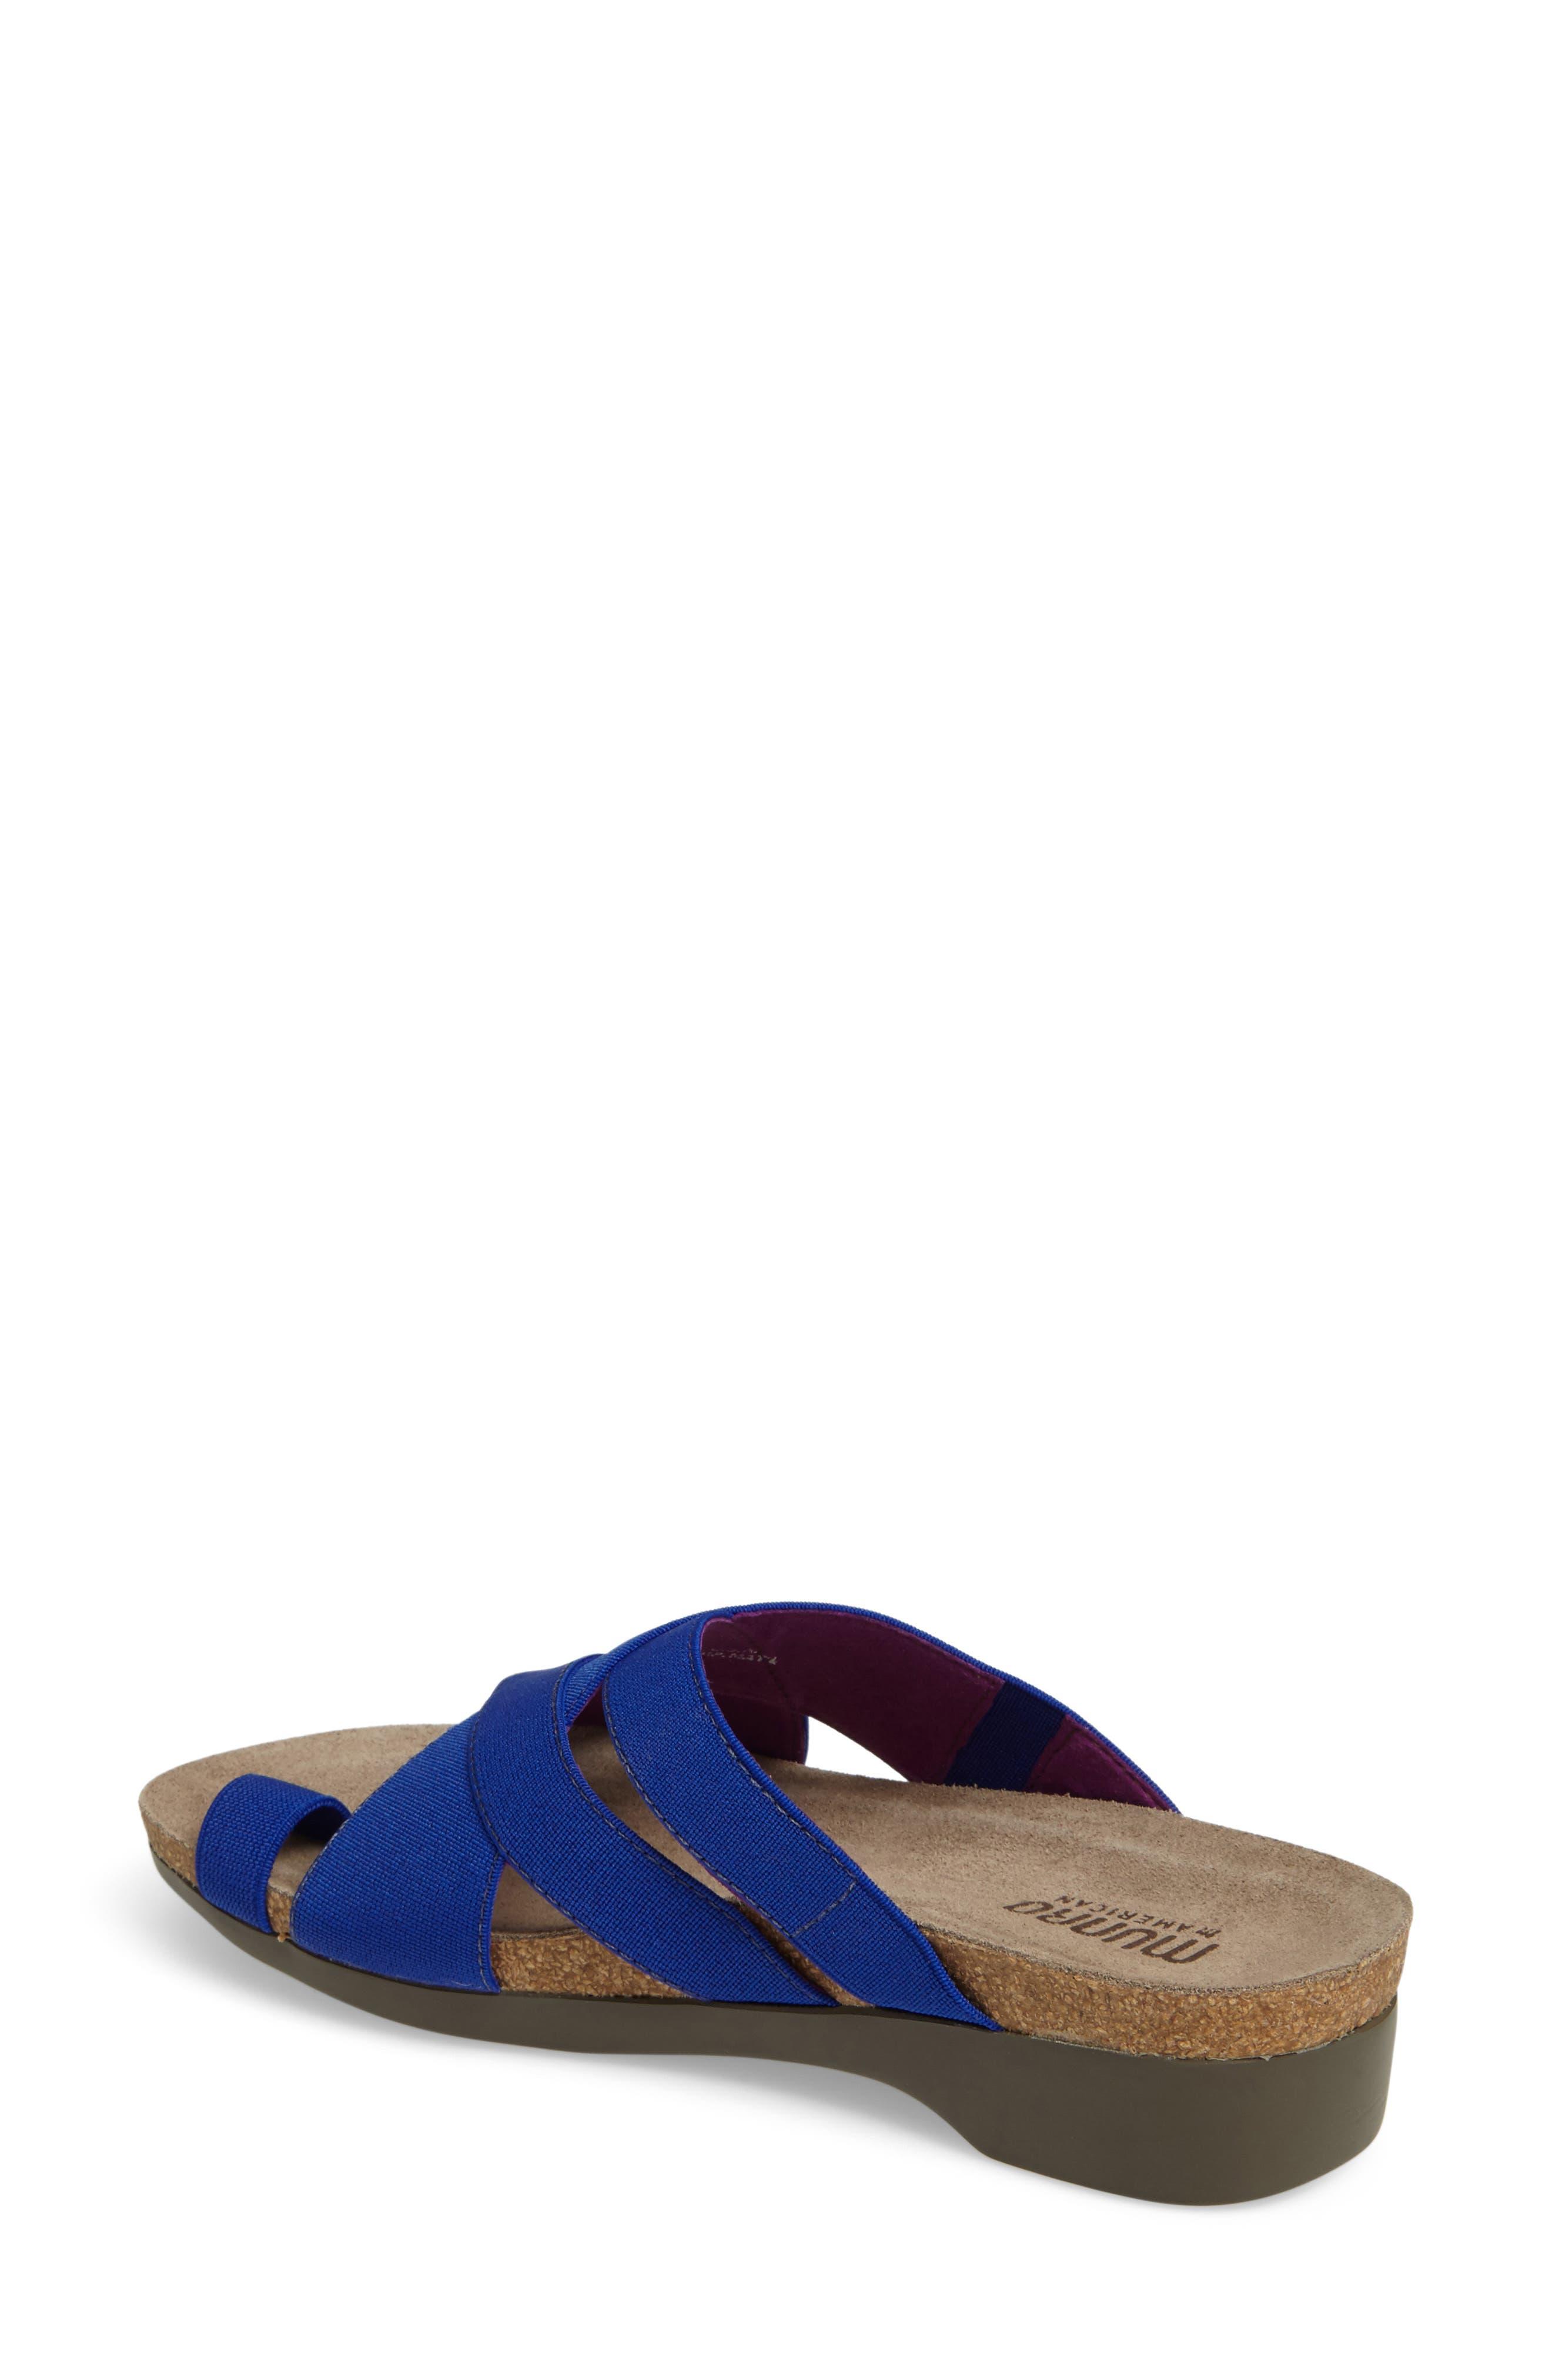 Delphi Slide Sandal,                             Alternate thumbnail 7, color,